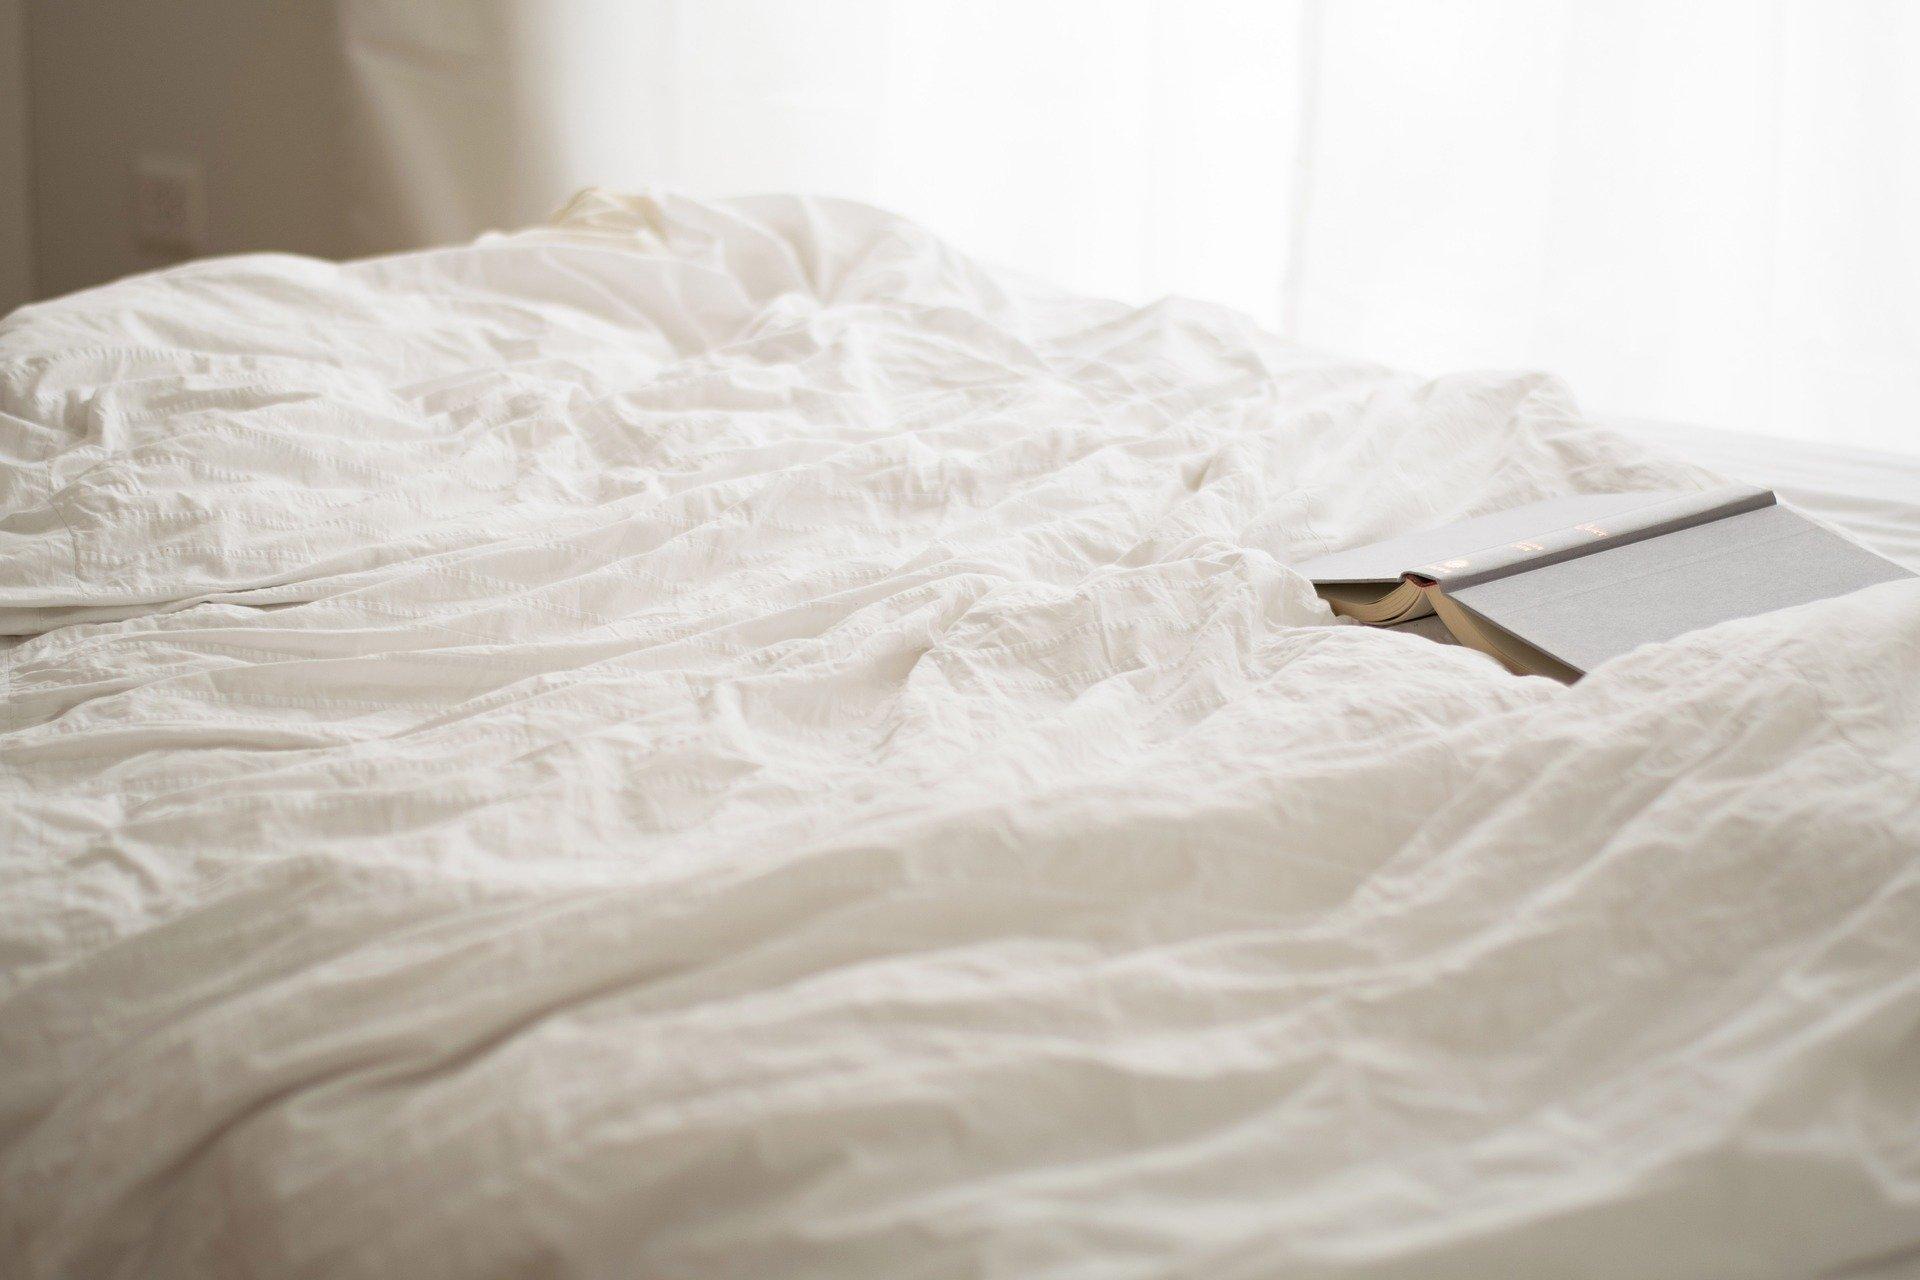 Auf Reisen, Hüttentouren und auch beim sommerlichen Campen die eigene Bettwäsche dabei haben © pixabay